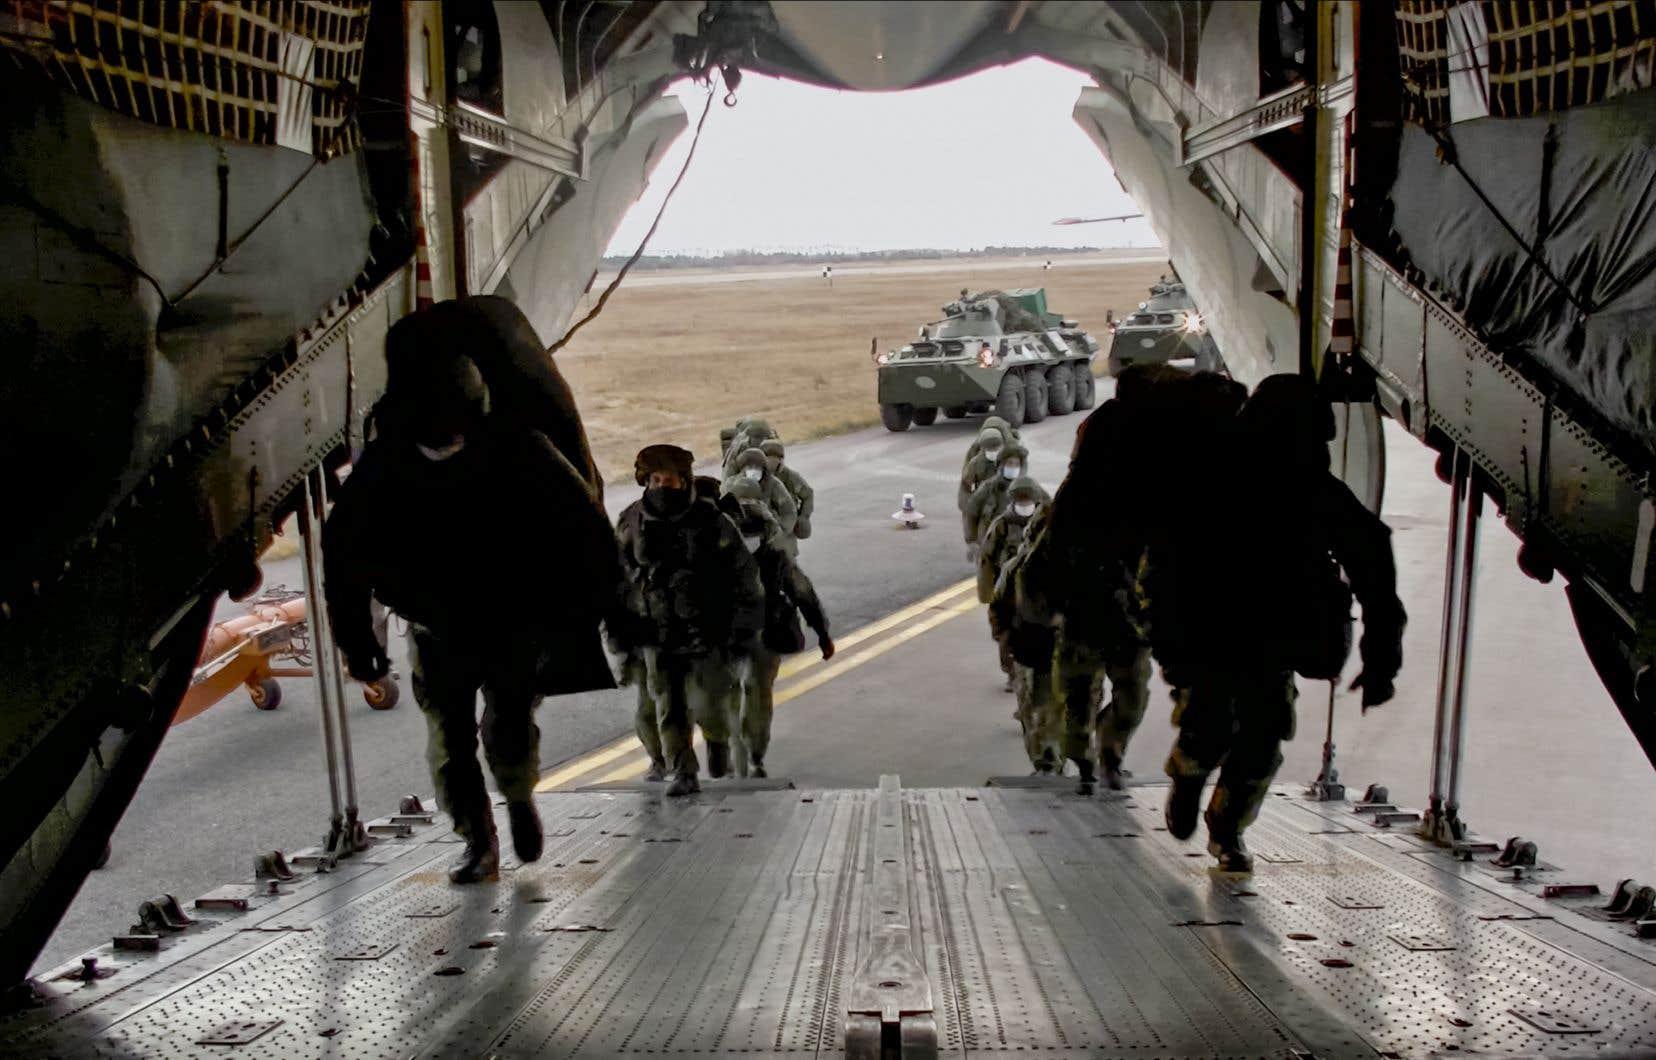 Moscou a aussi annoncé l'arrivée en Arménie mardi des premiers avions transportant les forces de maintien de la paix russes qui seront ensuite envoyées au Haut-Karabakh.